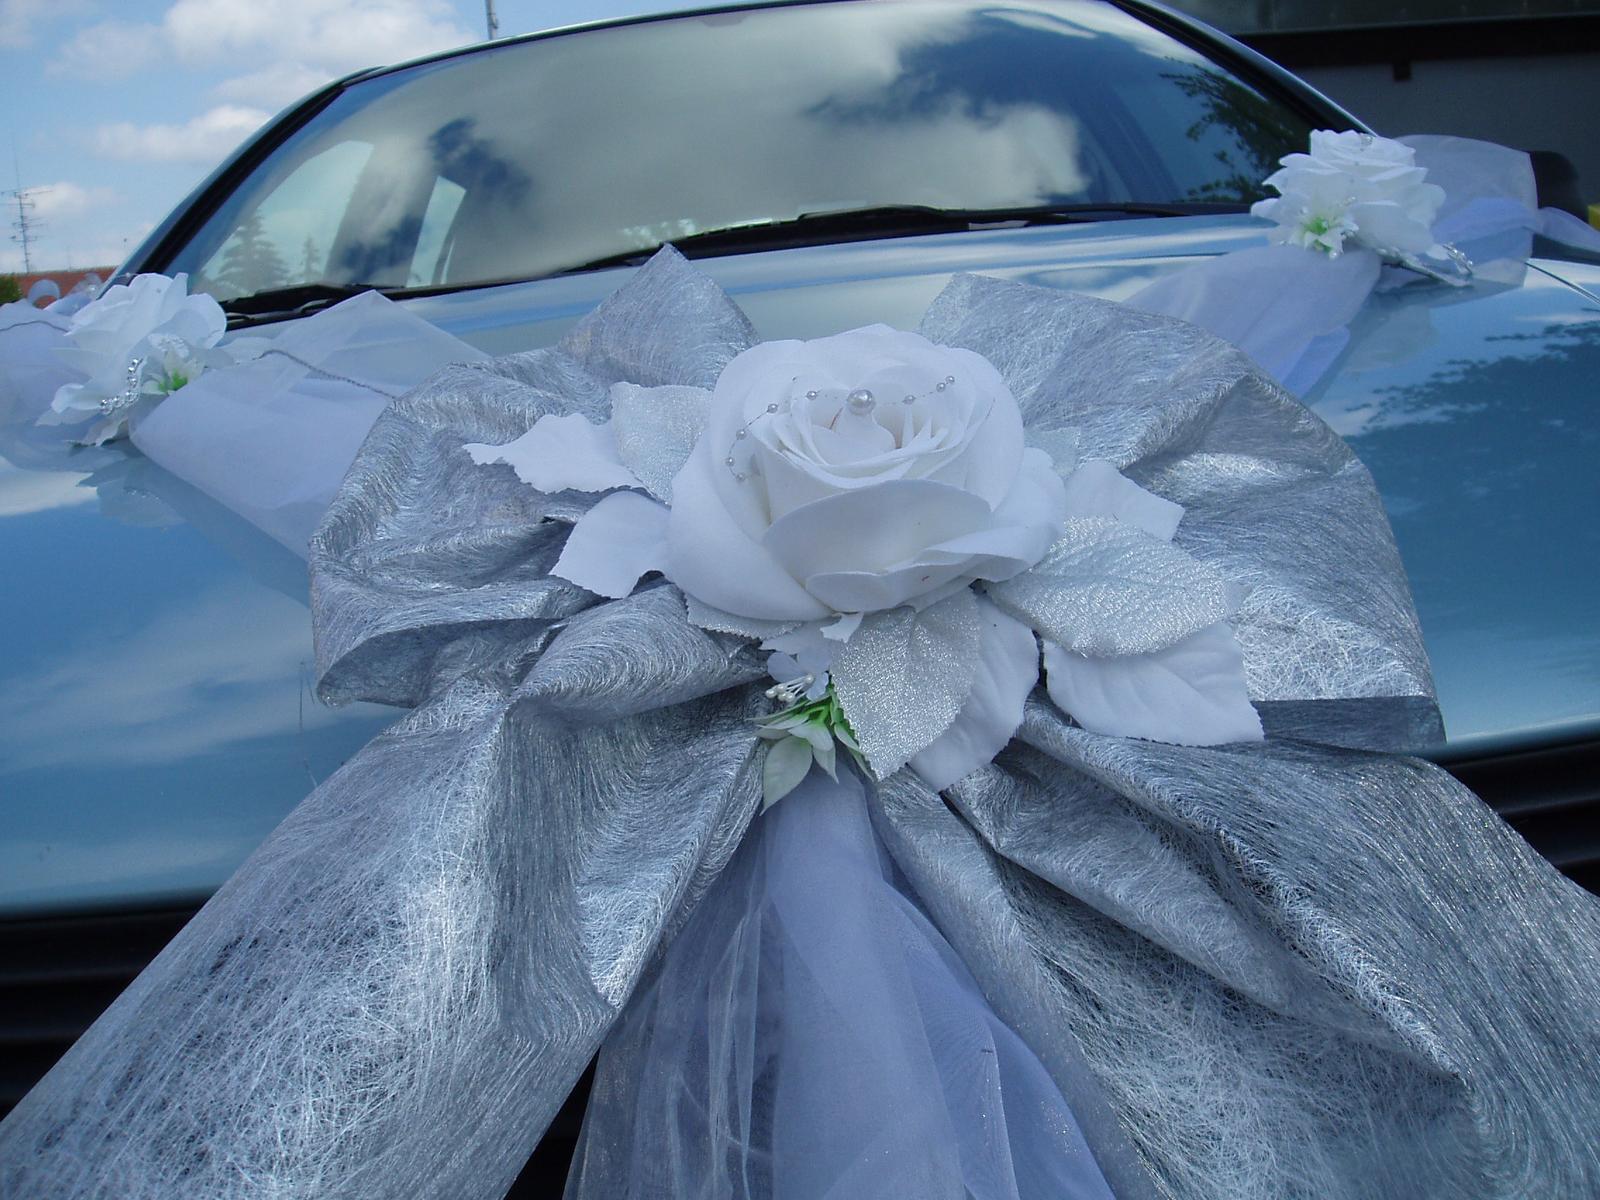 Bílo-stříbrné dekorace na auto - Obrázek č. 5